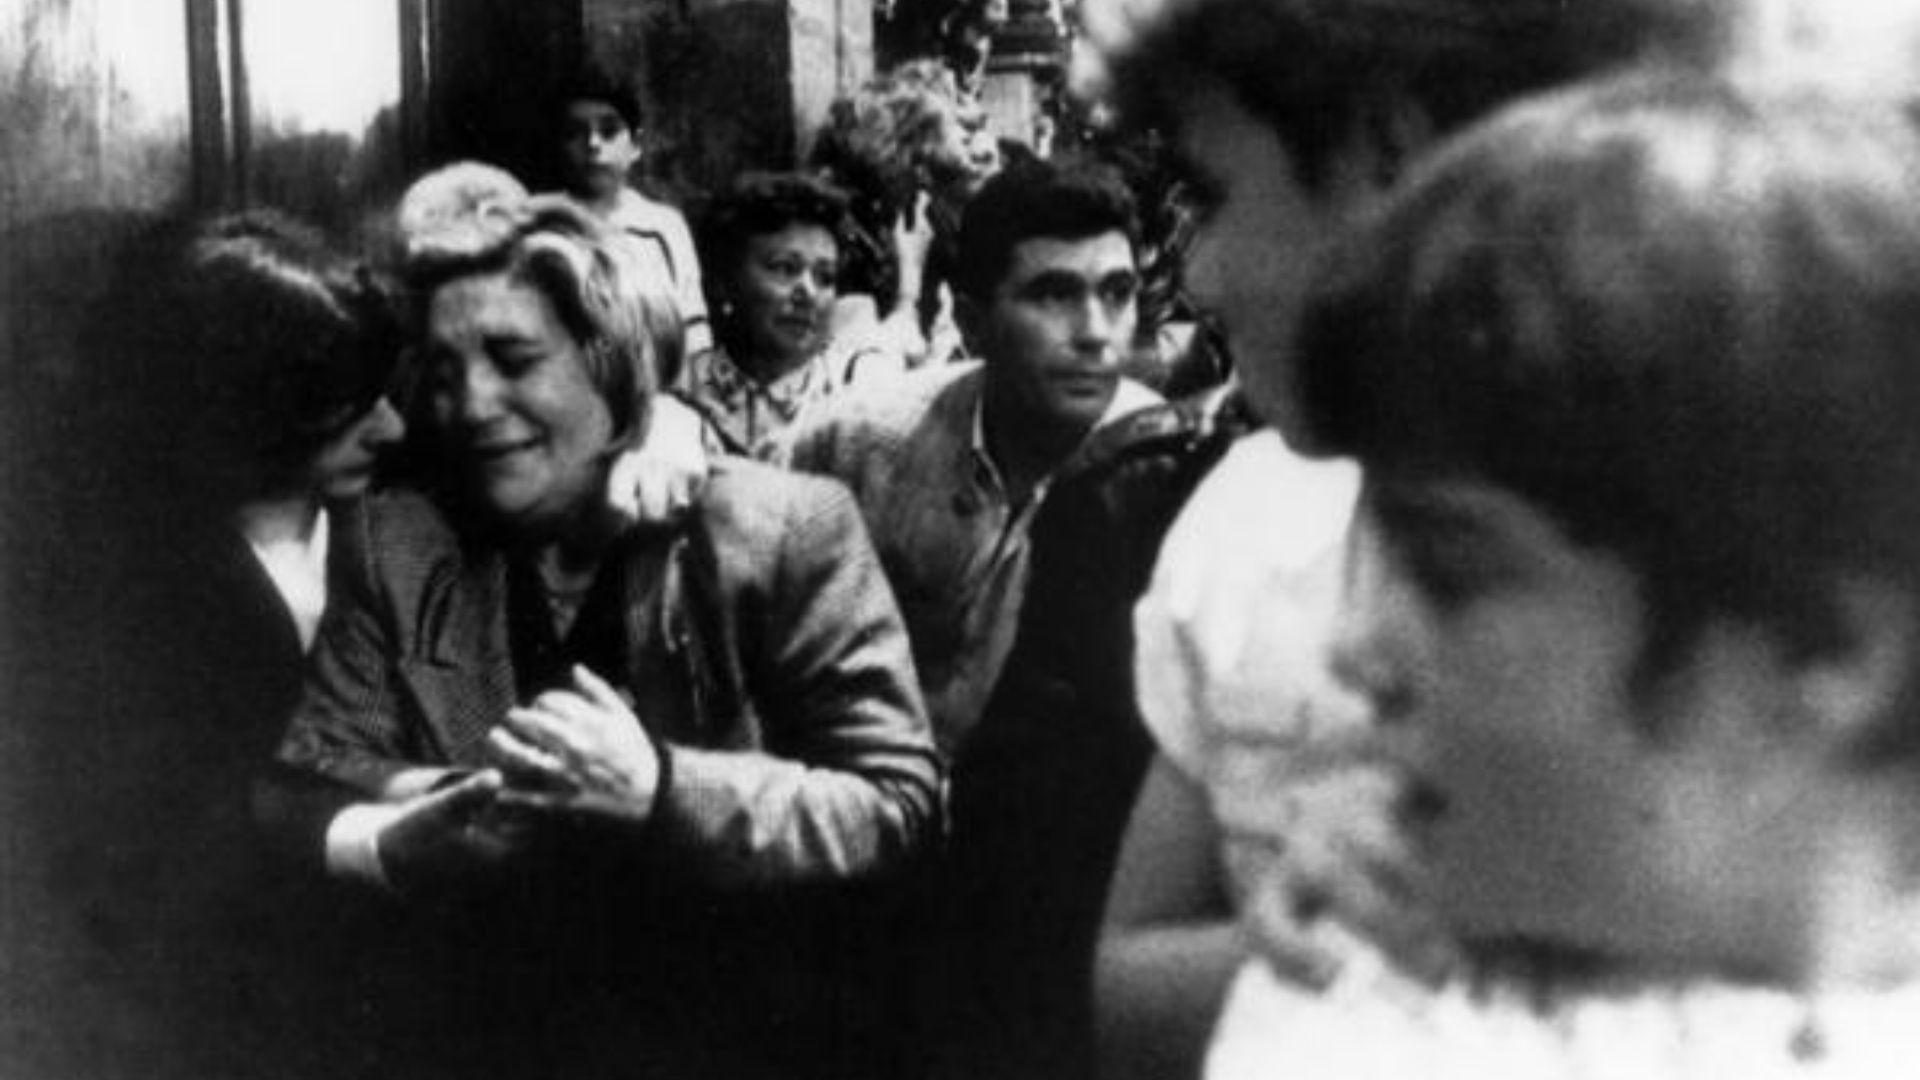 Jose Luis Abet, asesino de su ex-muller, ex-cuñada y ex-suegra en Valga vuelve al juzgado para una prueba de ADN.Unas 2.500 personas asistieron al funeral de Vanesa Mayo González, de 10 años de edad, violada y asesinada. En la fotografia, la madre de la niña durante el funeral.